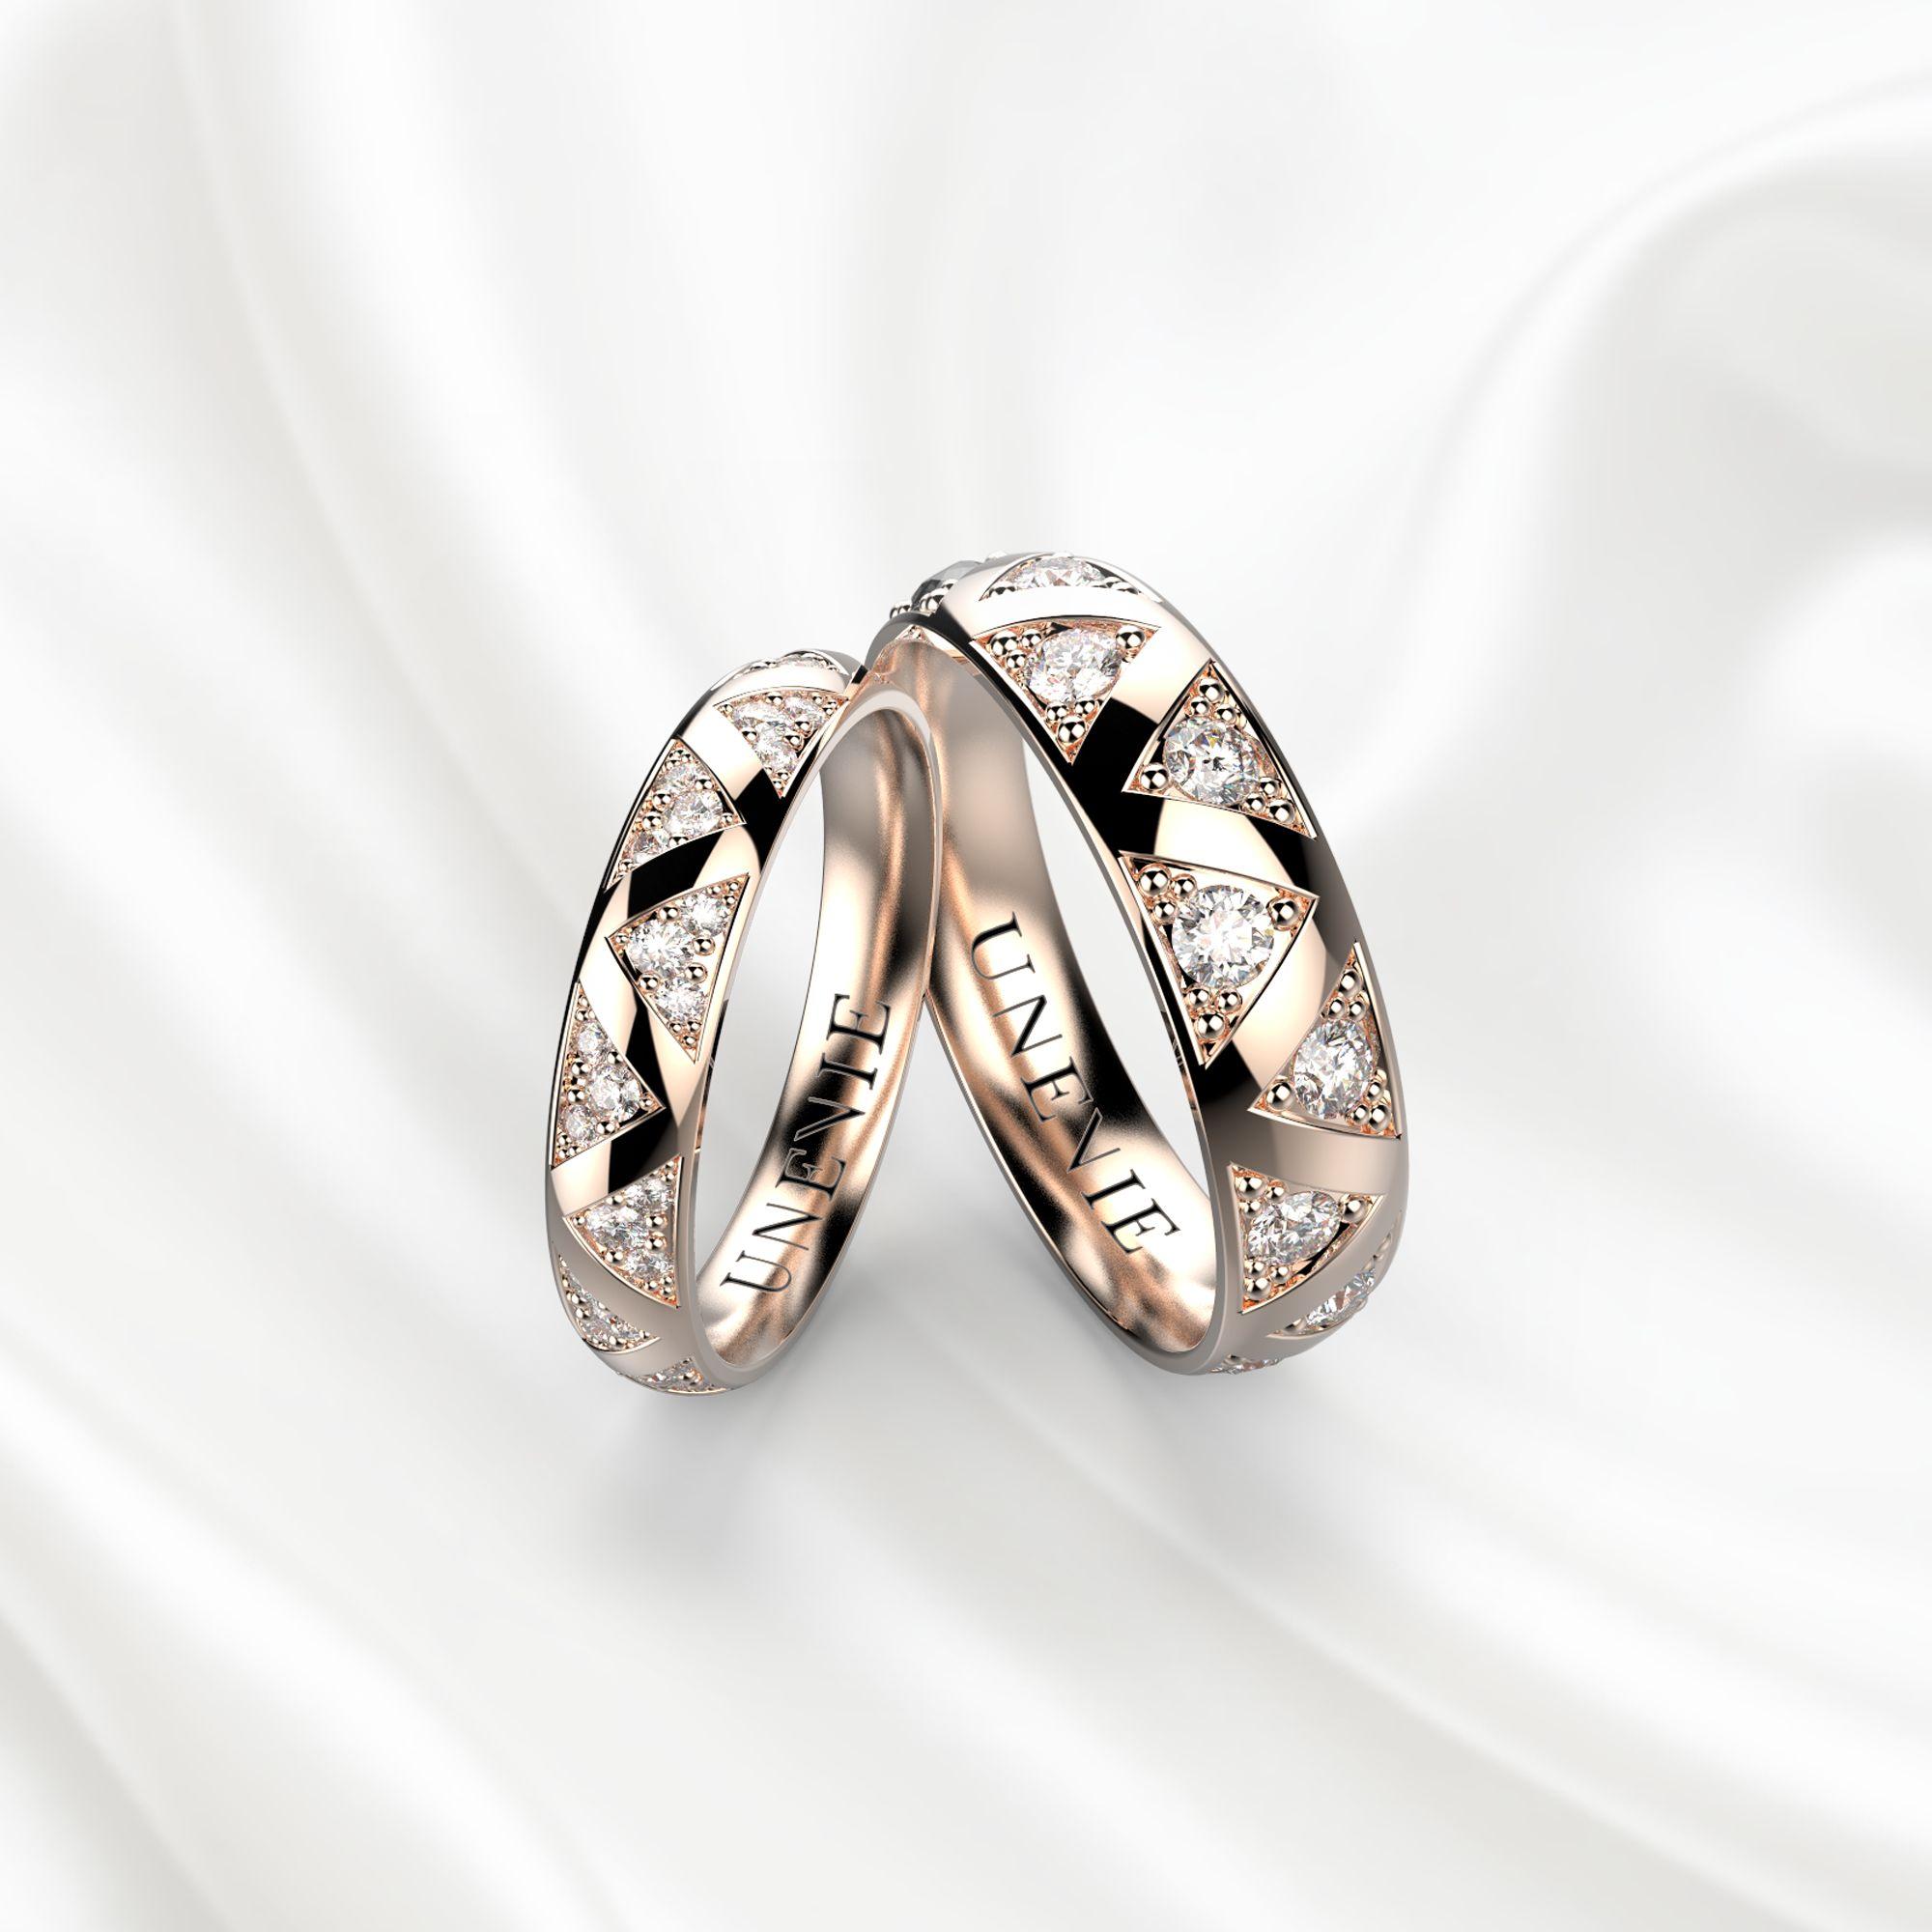 NV15 Обручальные кольца из розового золота